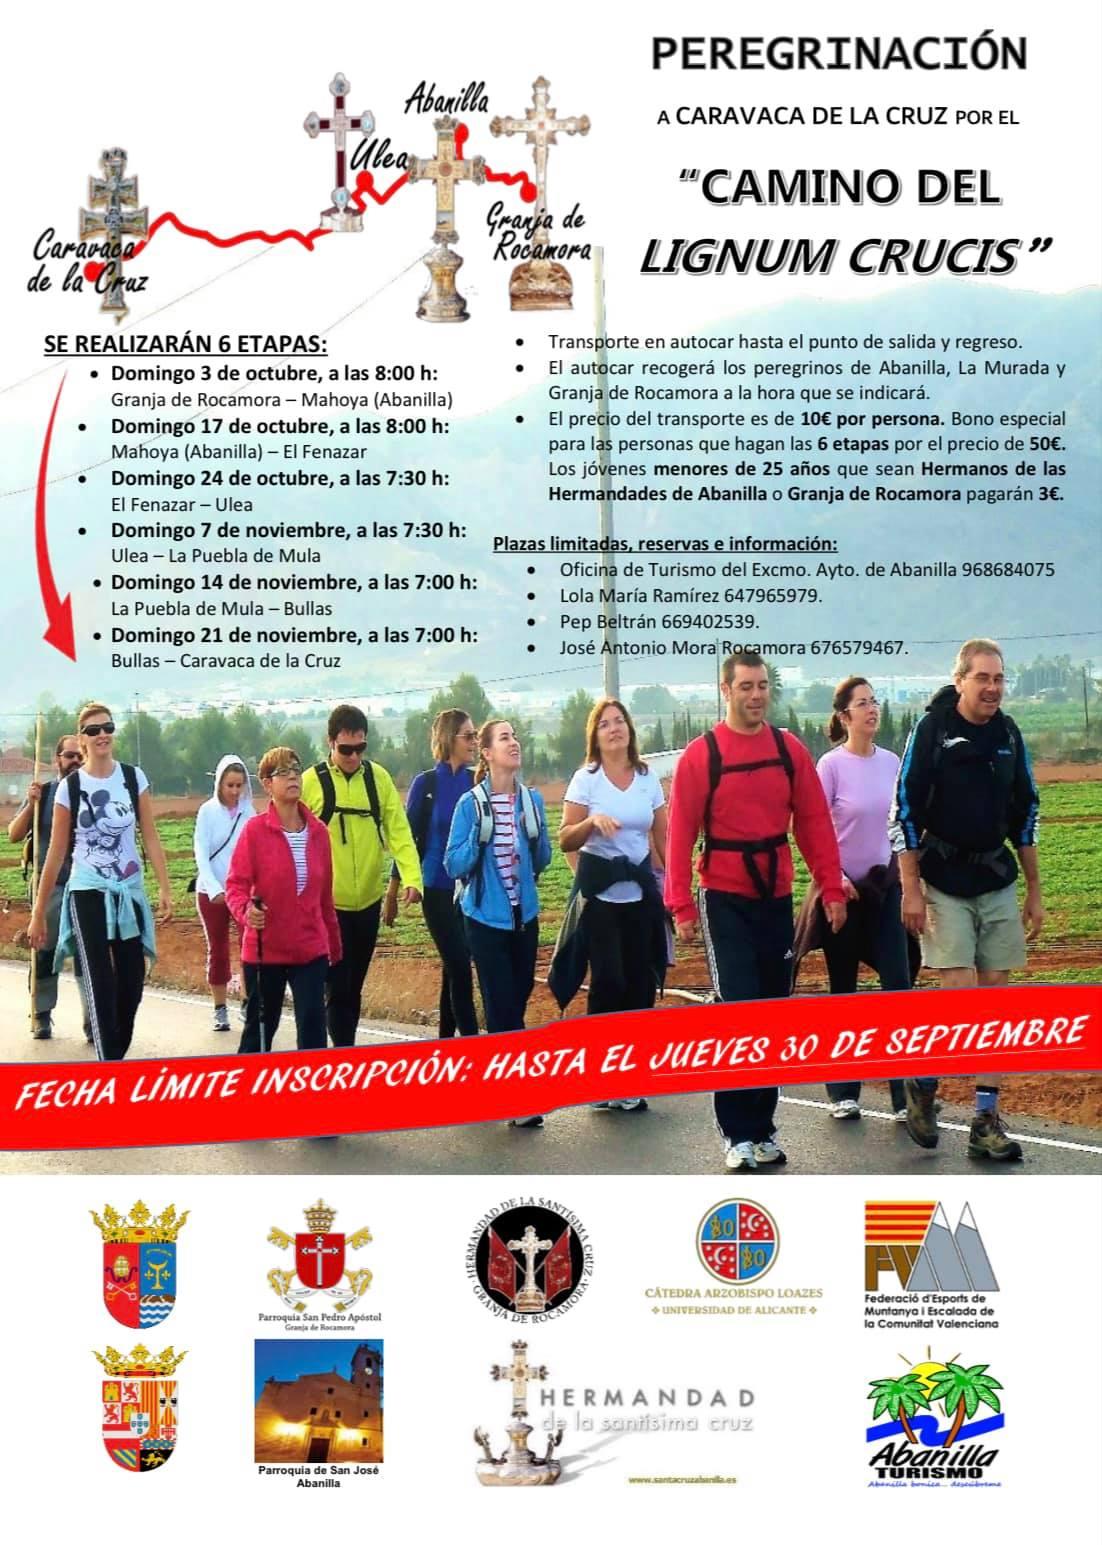 """Peregrinación a Caravaca de la Cruz por el """"Camino del Lignum Crucis"""" 2021"""